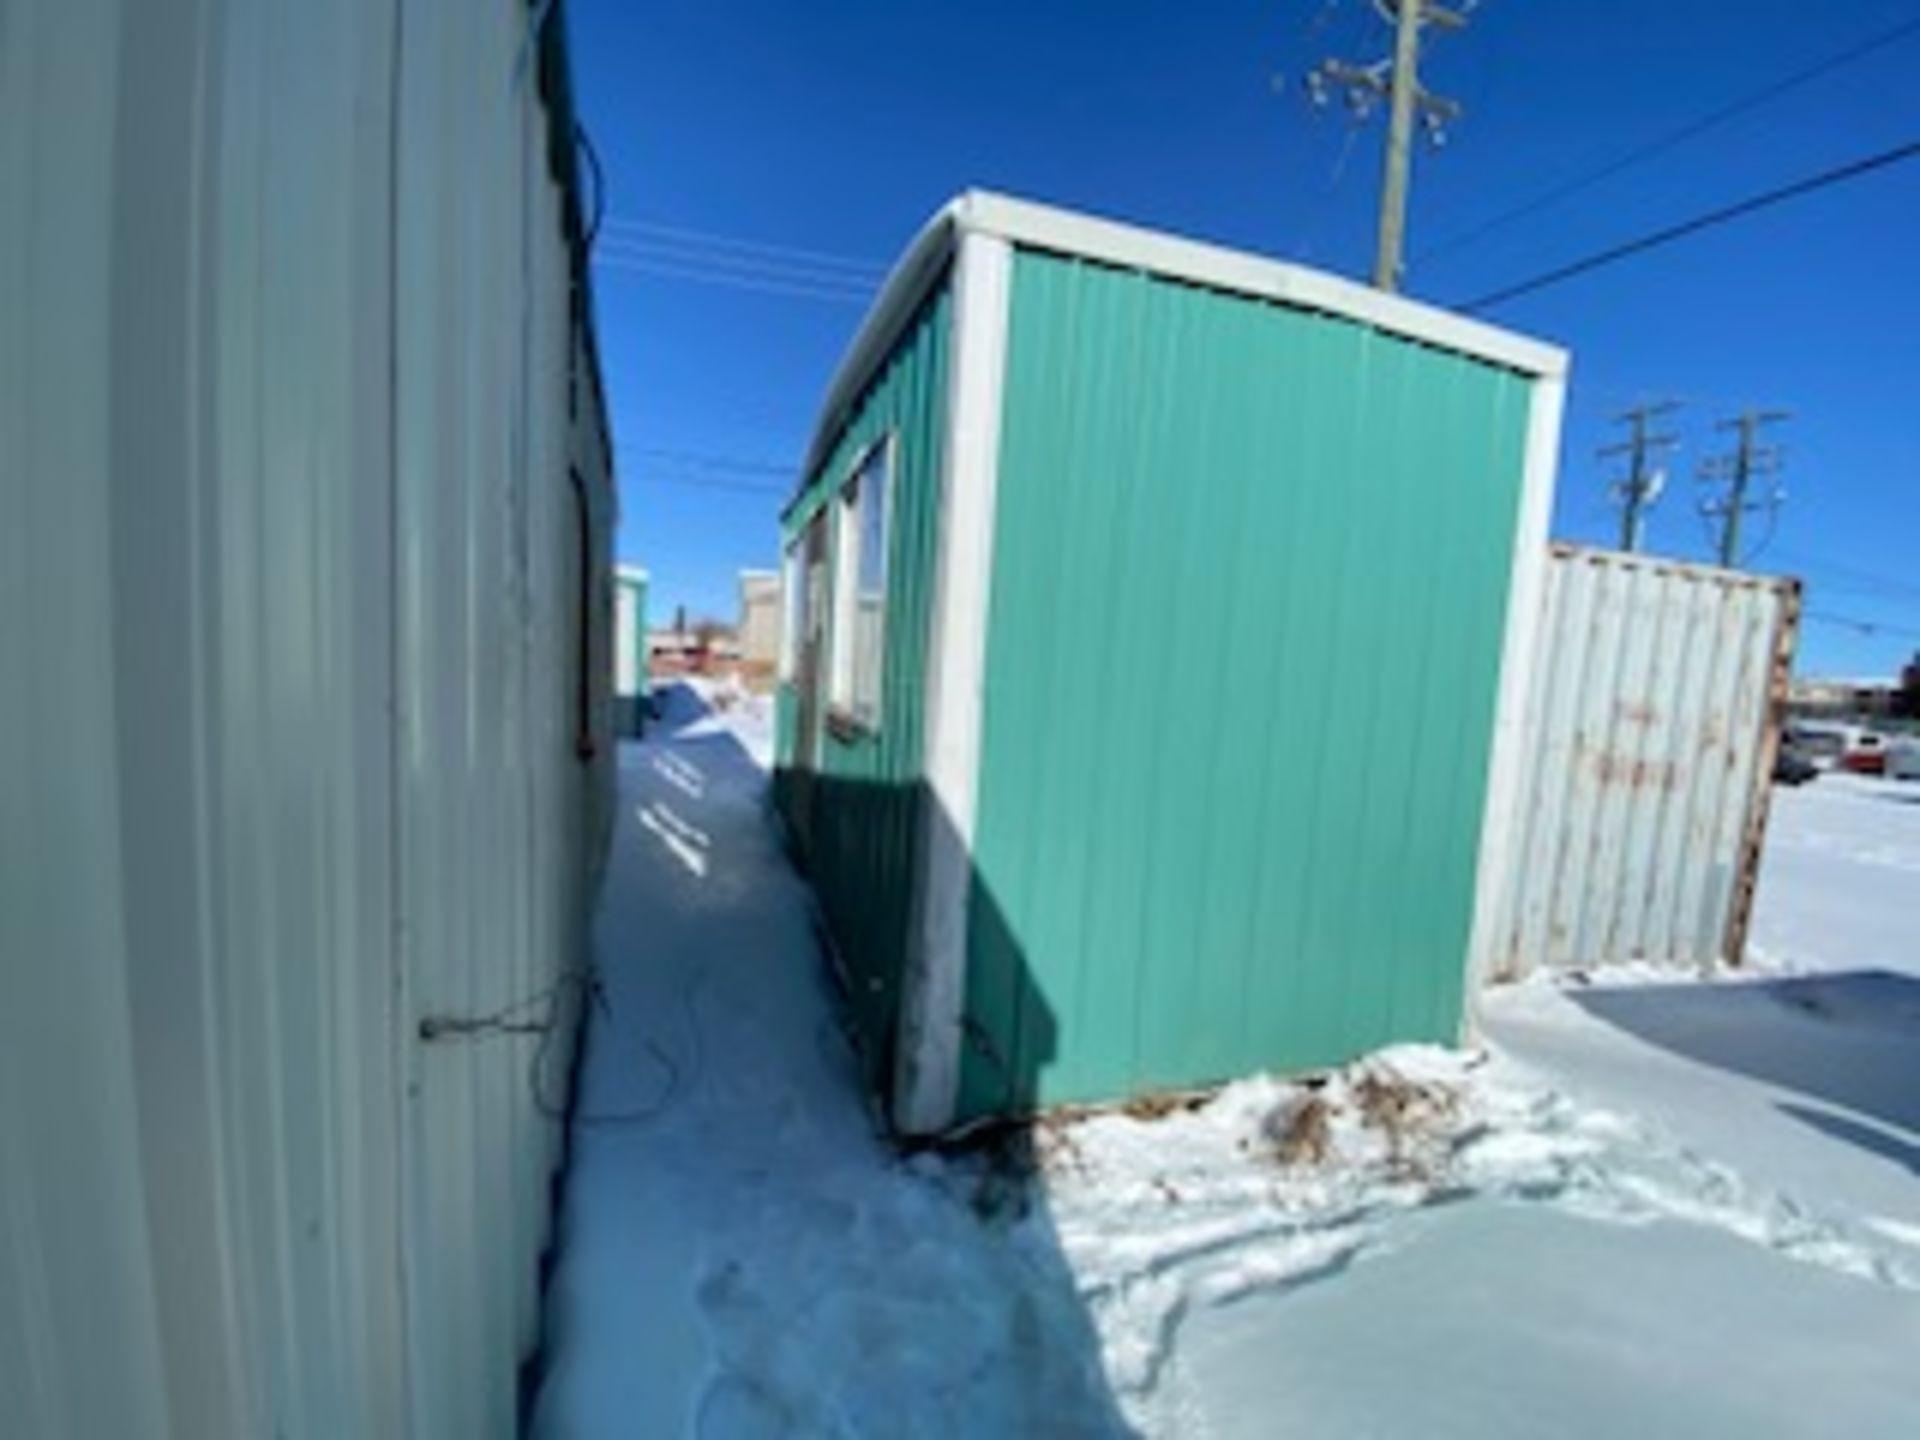 18FT X 8FT SHOP BUILT SKIDDED FIELD OFFICE BUILDING, N.V.S.N. GP - Image 2 of 4